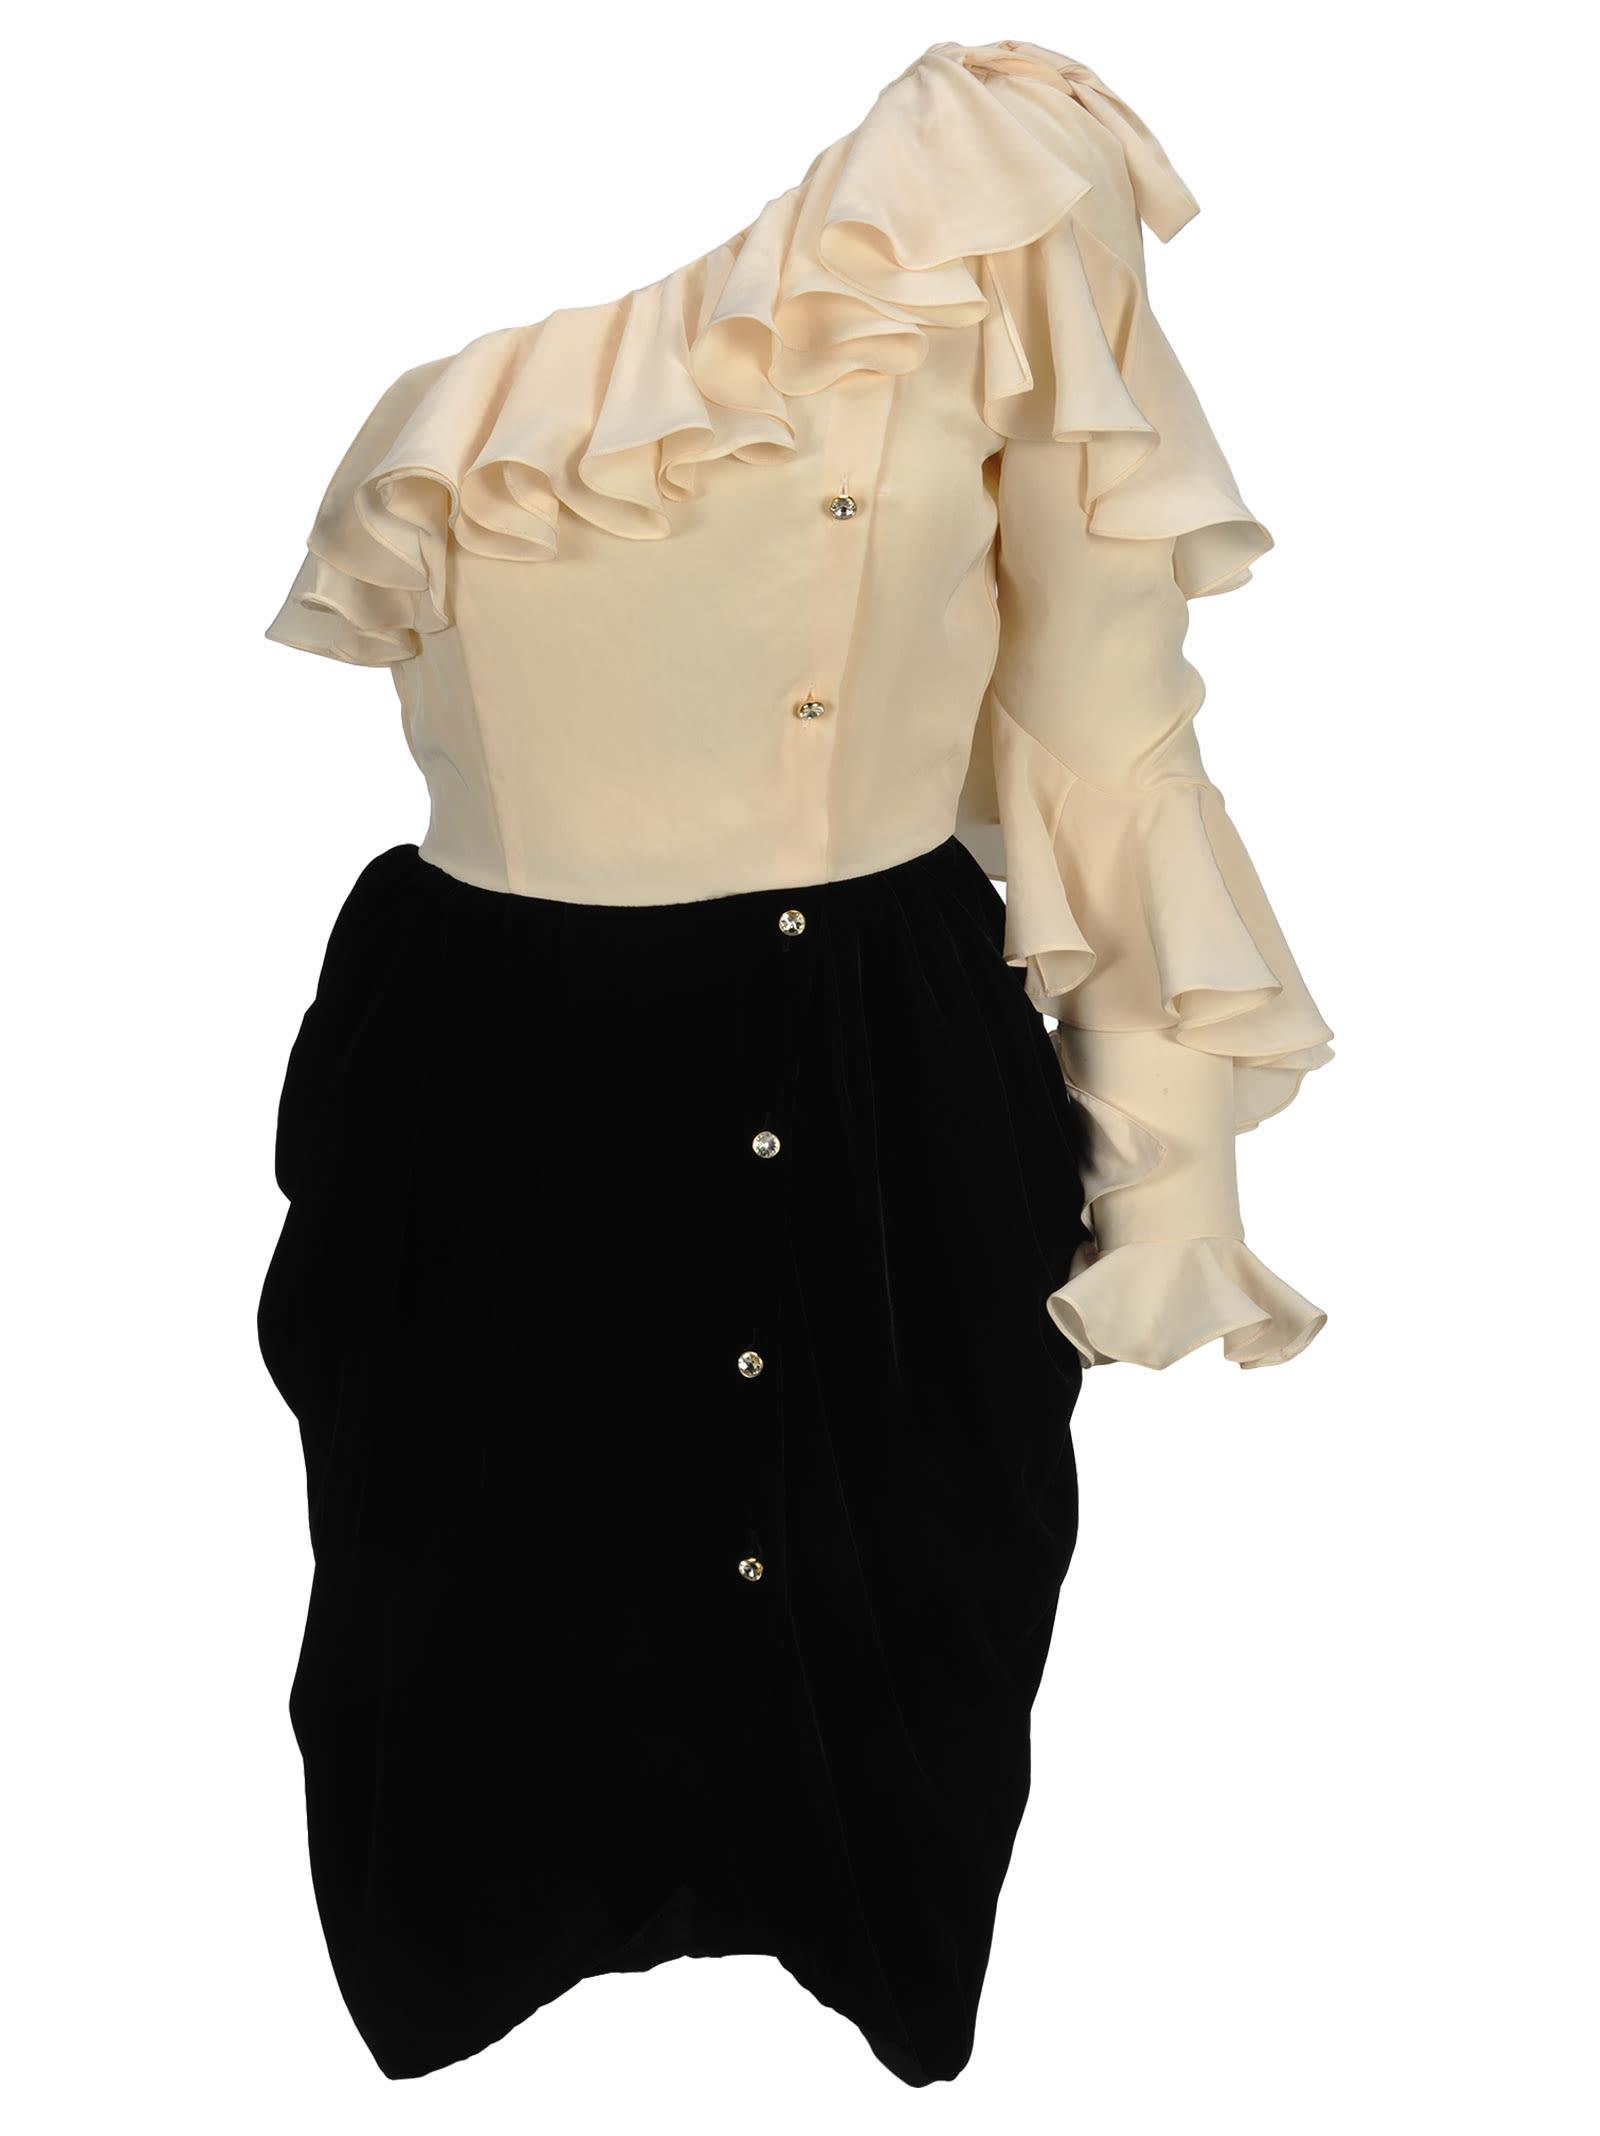 Philosophy Philosophy One-shoulder Dress